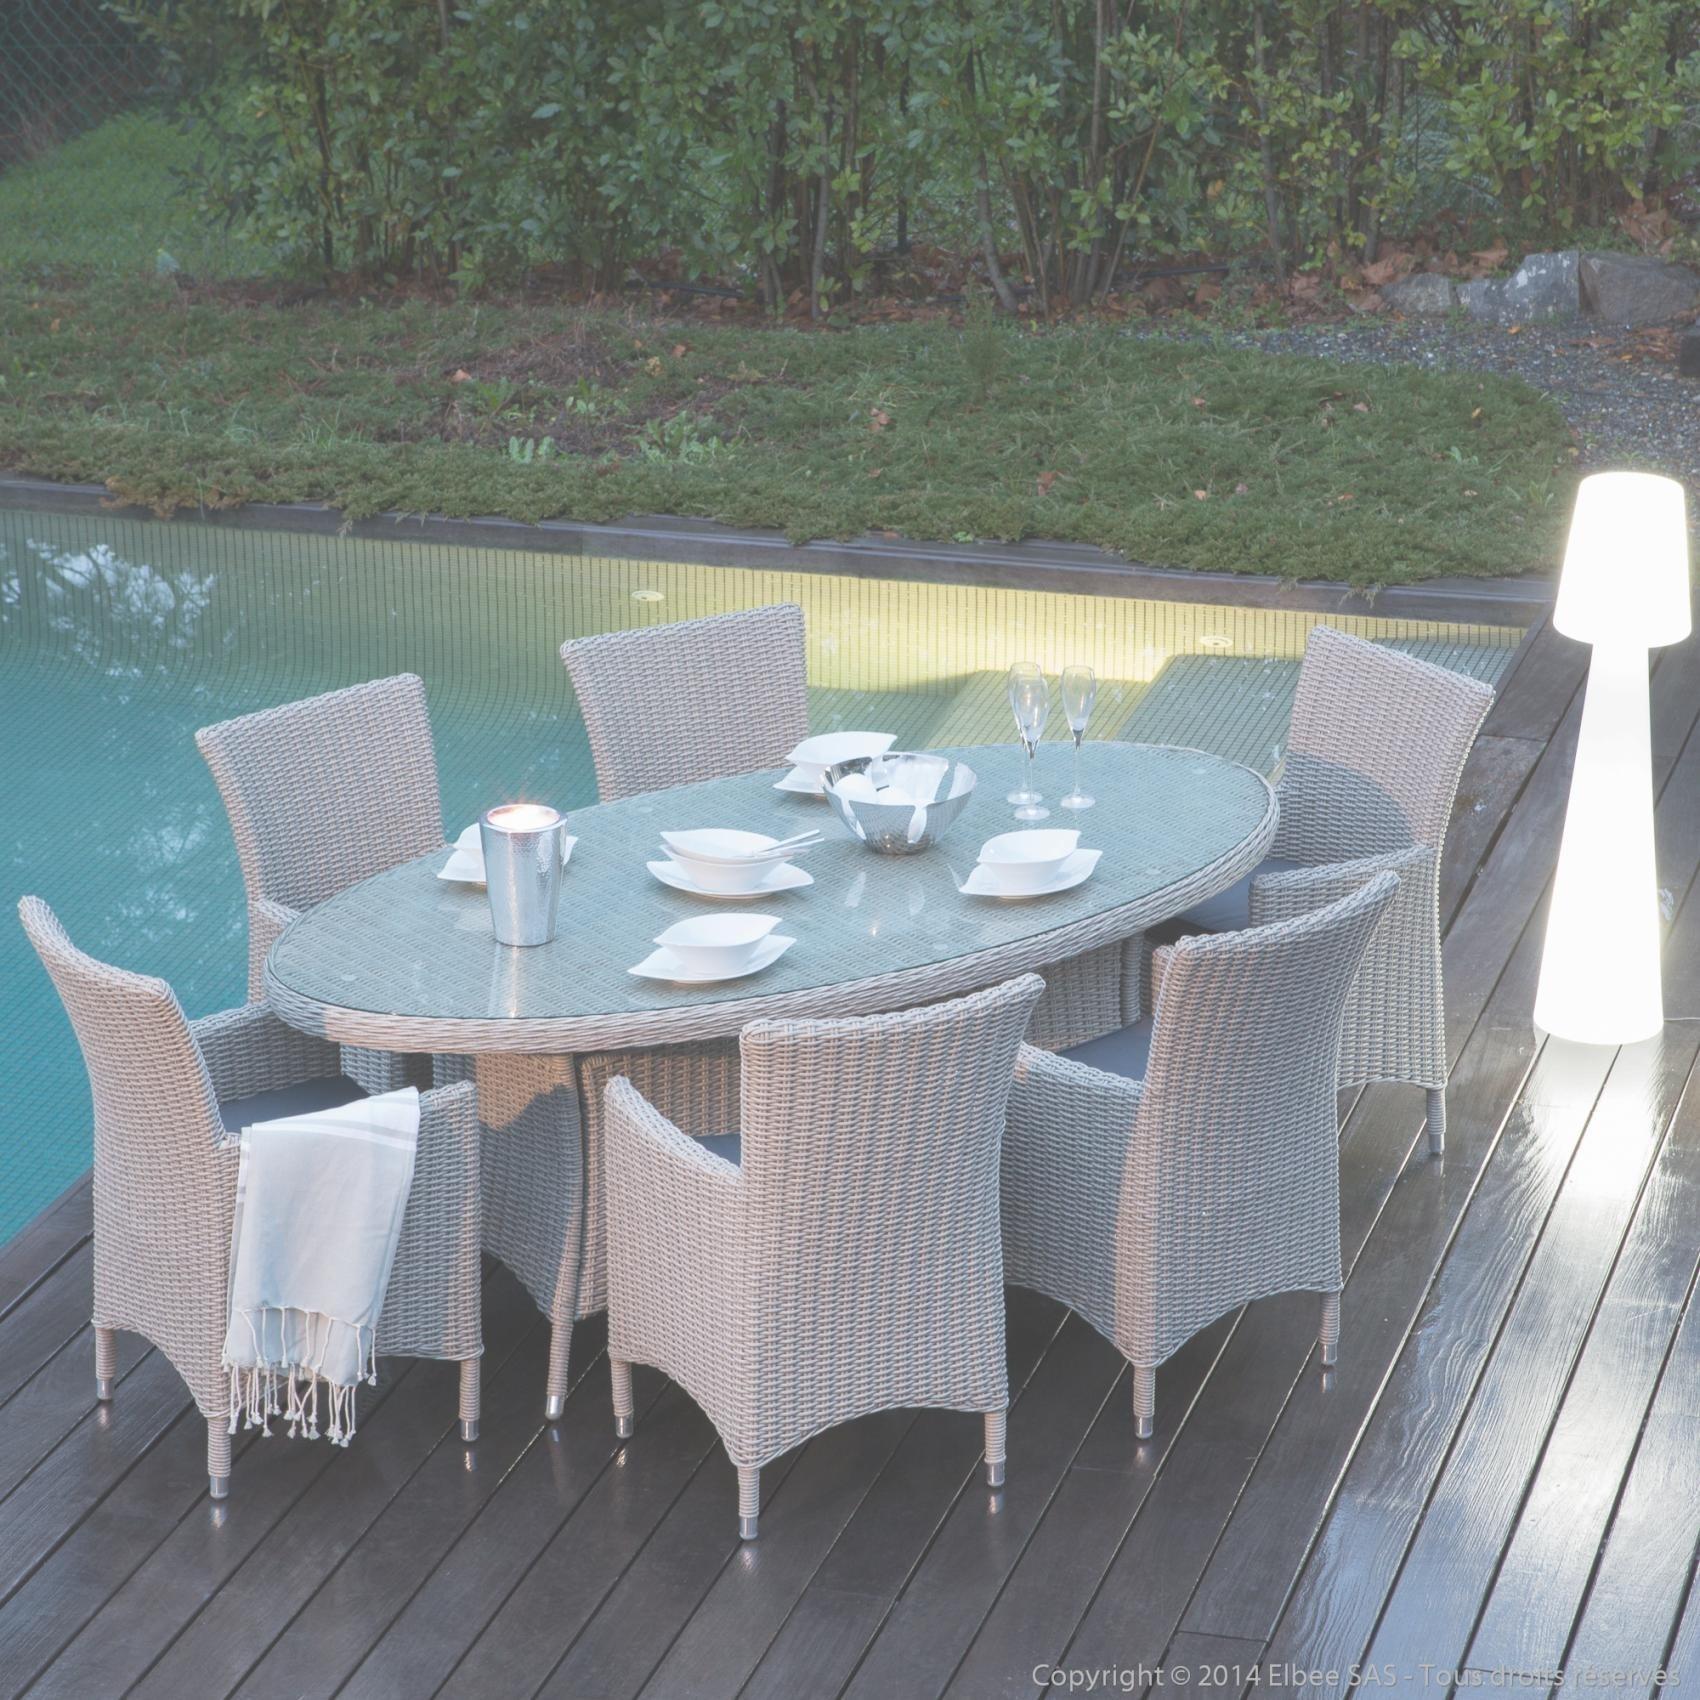 Salon de jardin table ovale - Abri de jardin et balancoire idée